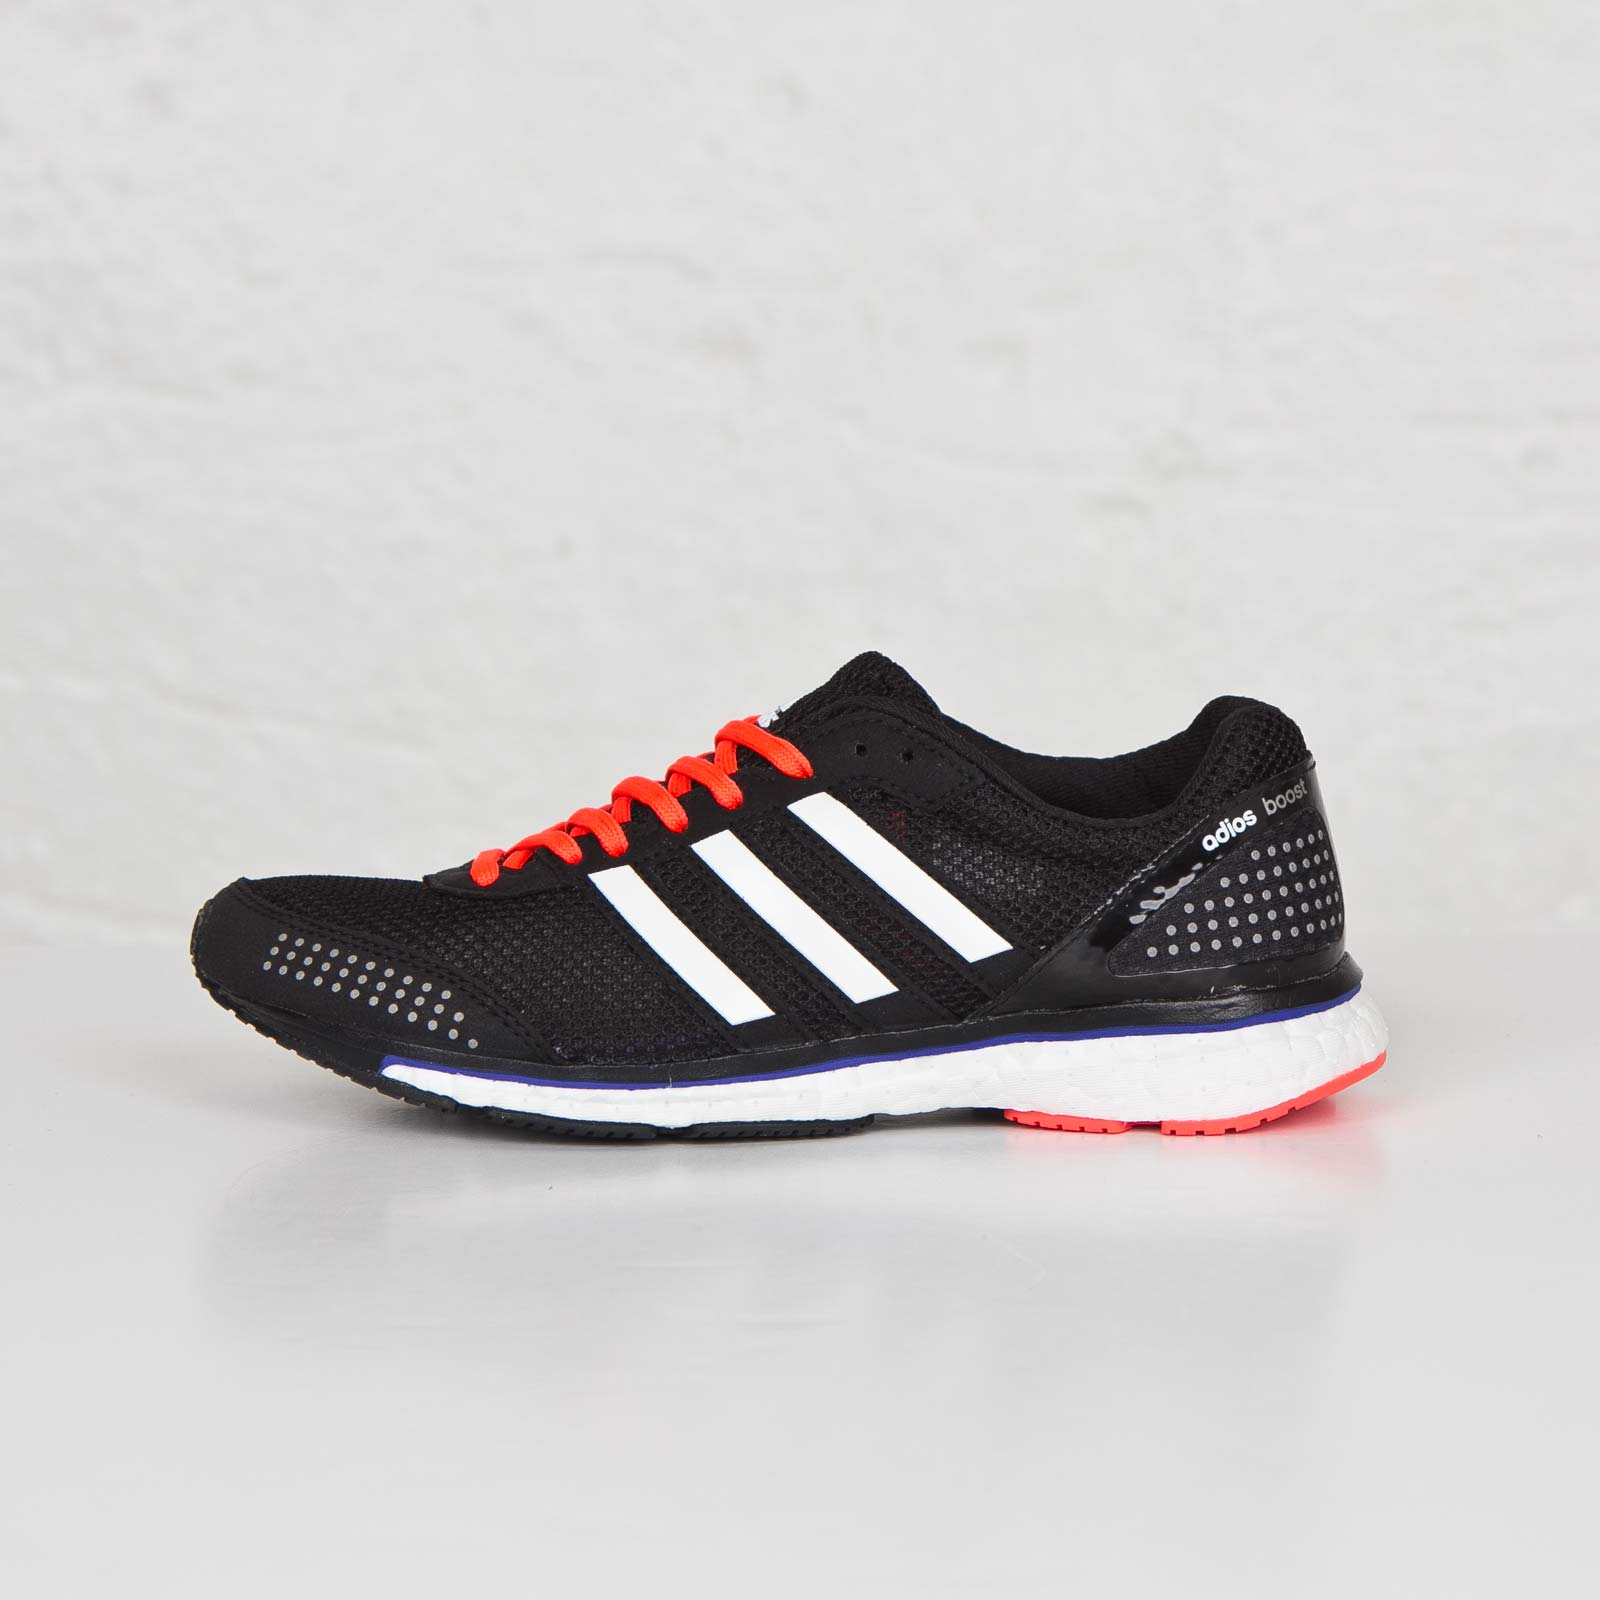 adidas adizero adios boost 2 W - B22873 - Sneakersnstuff  2a0853552